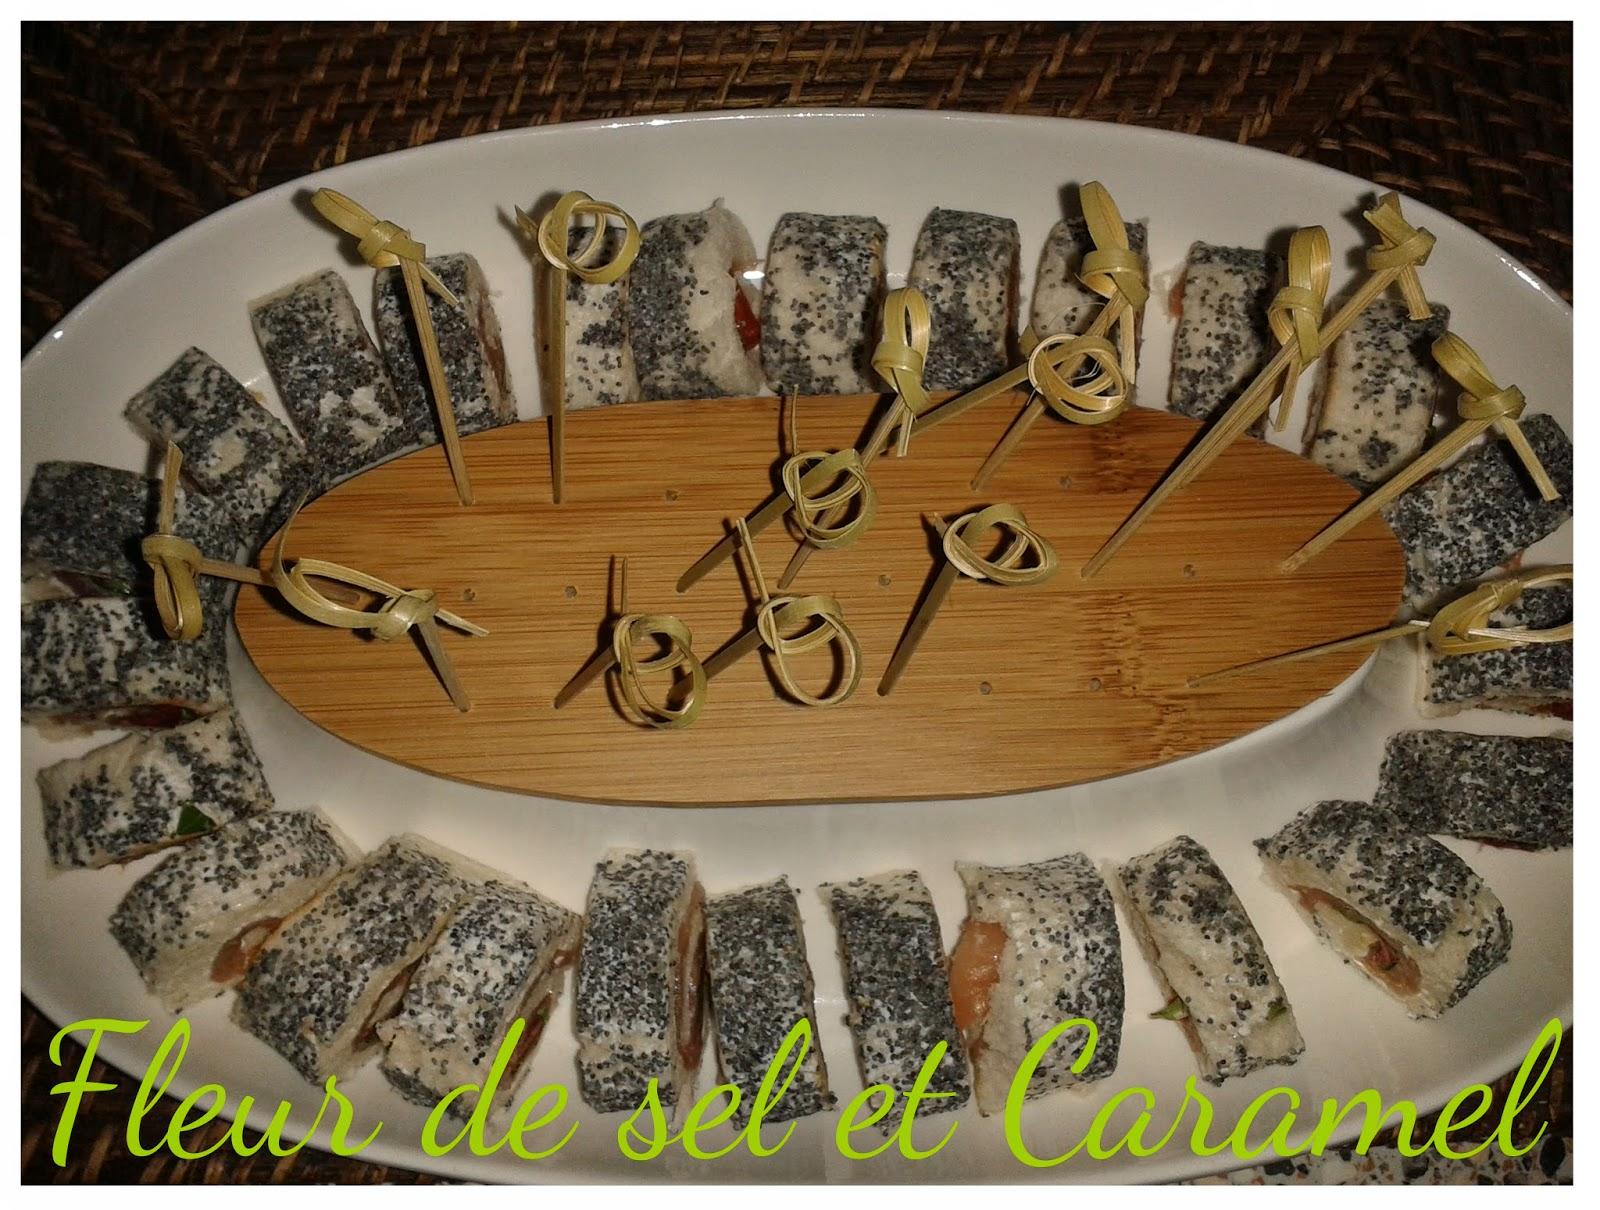 Roulés saumon fumé, fromage frais, poivron et pavot